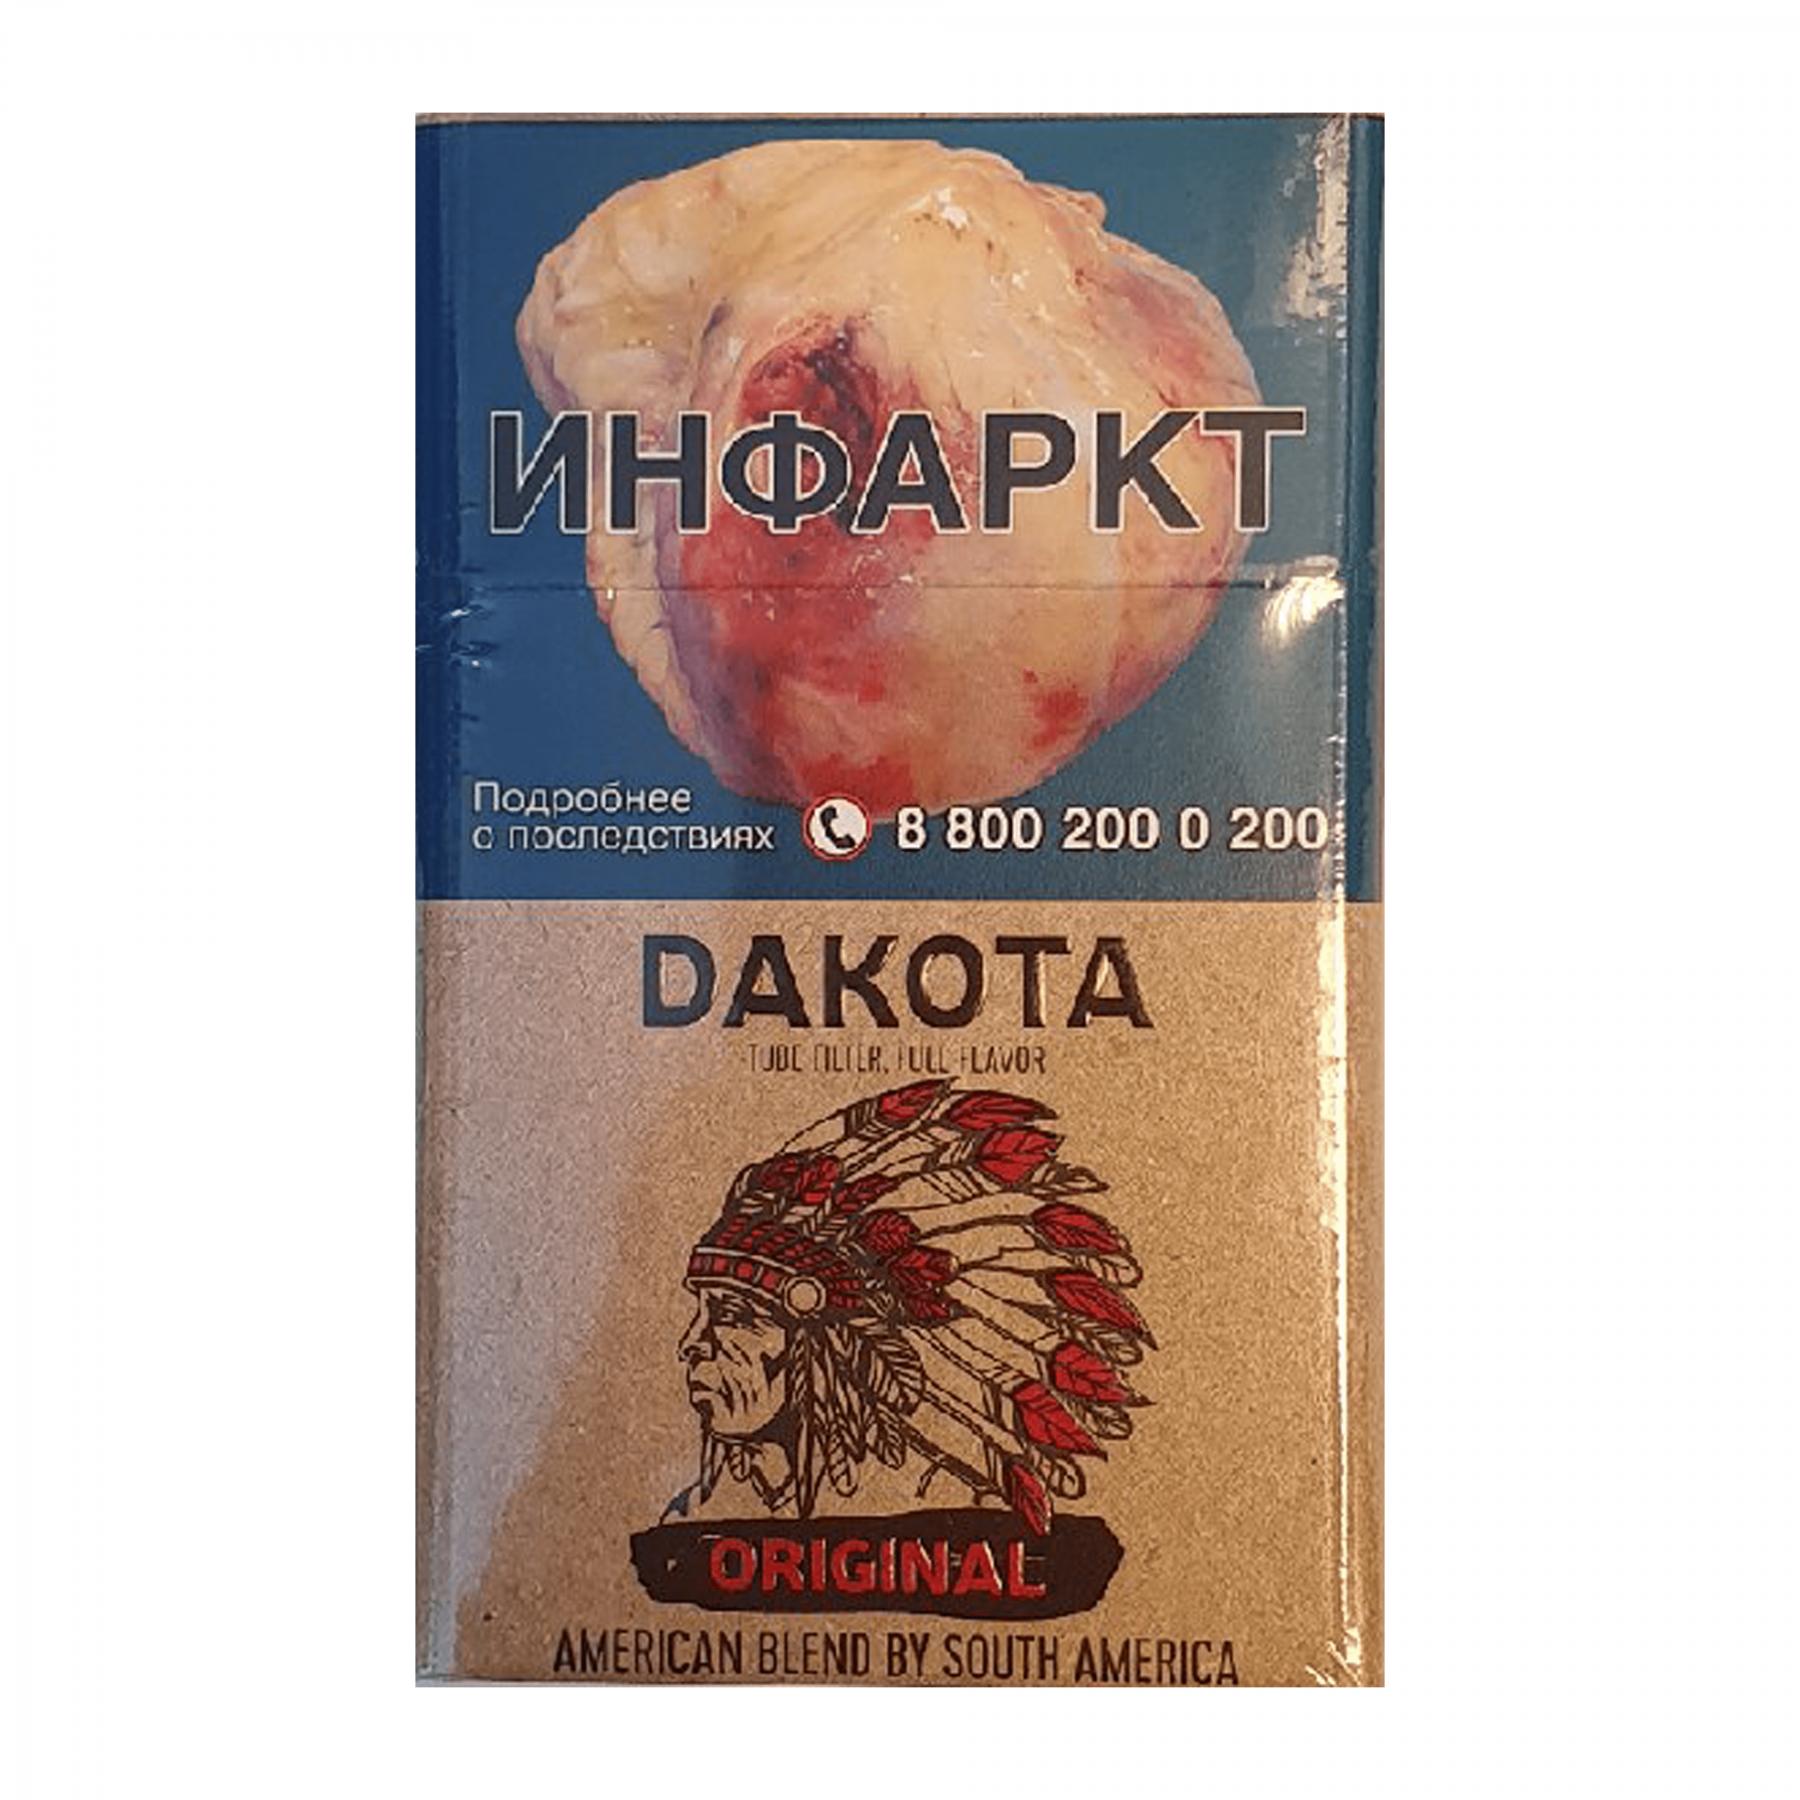 Dakota original сигареты купить в нижнем новгороде электронная сигарета купить